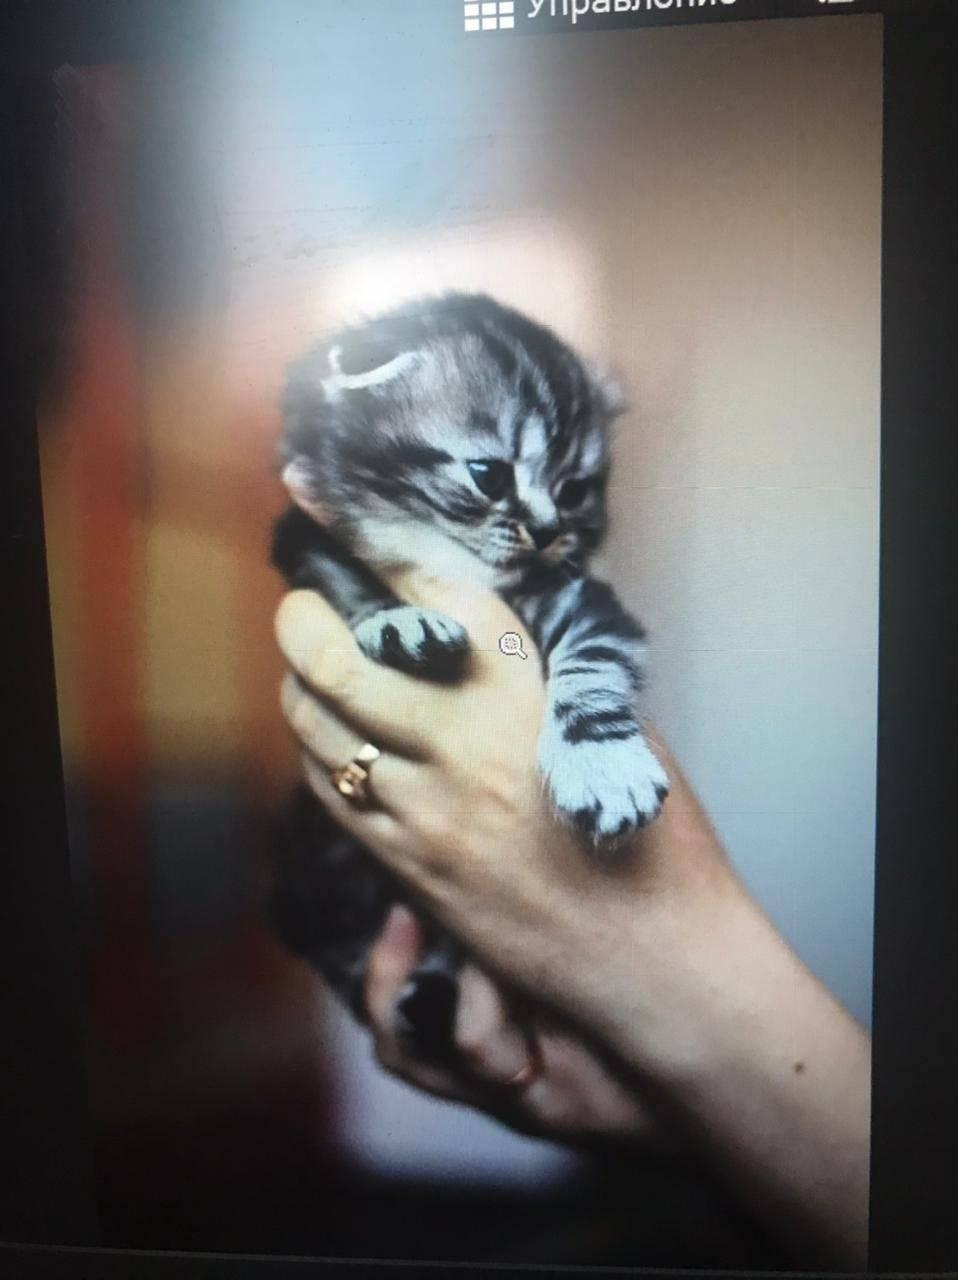 Как определить пол котенка: 120 фото отличительных признаков в первые дни жизни котят